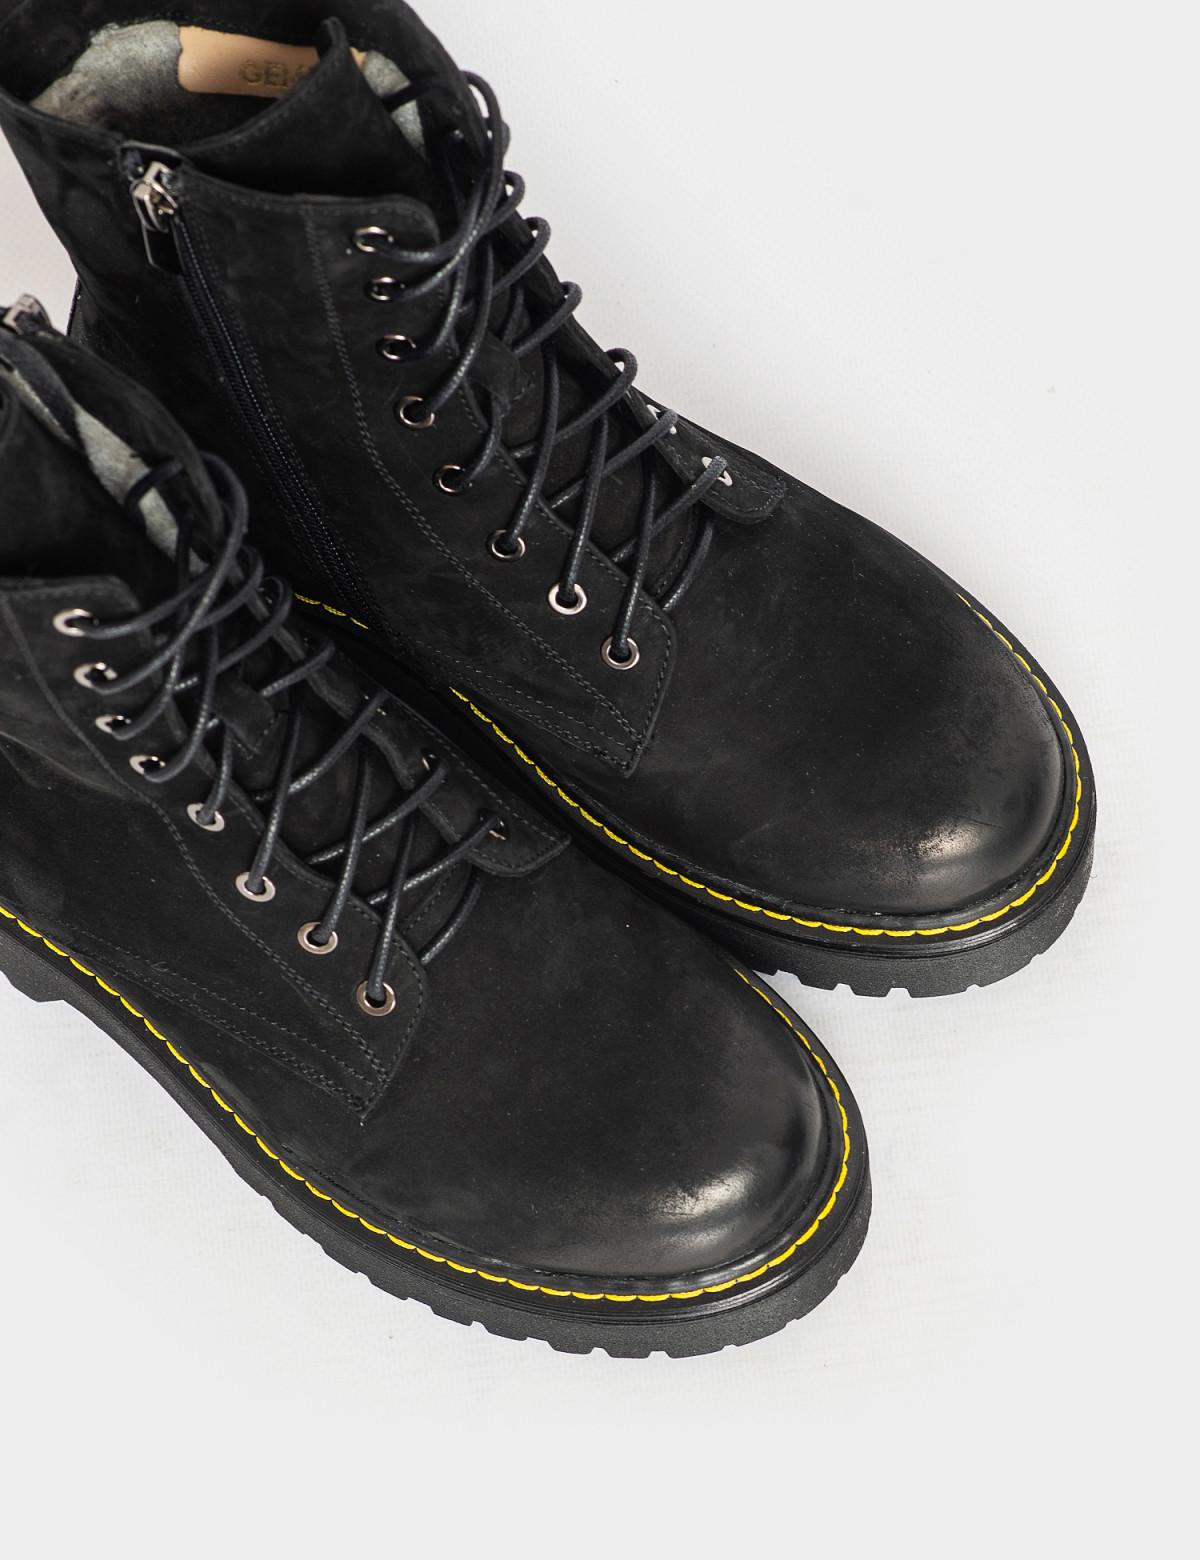 Ботинки черные. Натуральный нубук. Шерсть 3